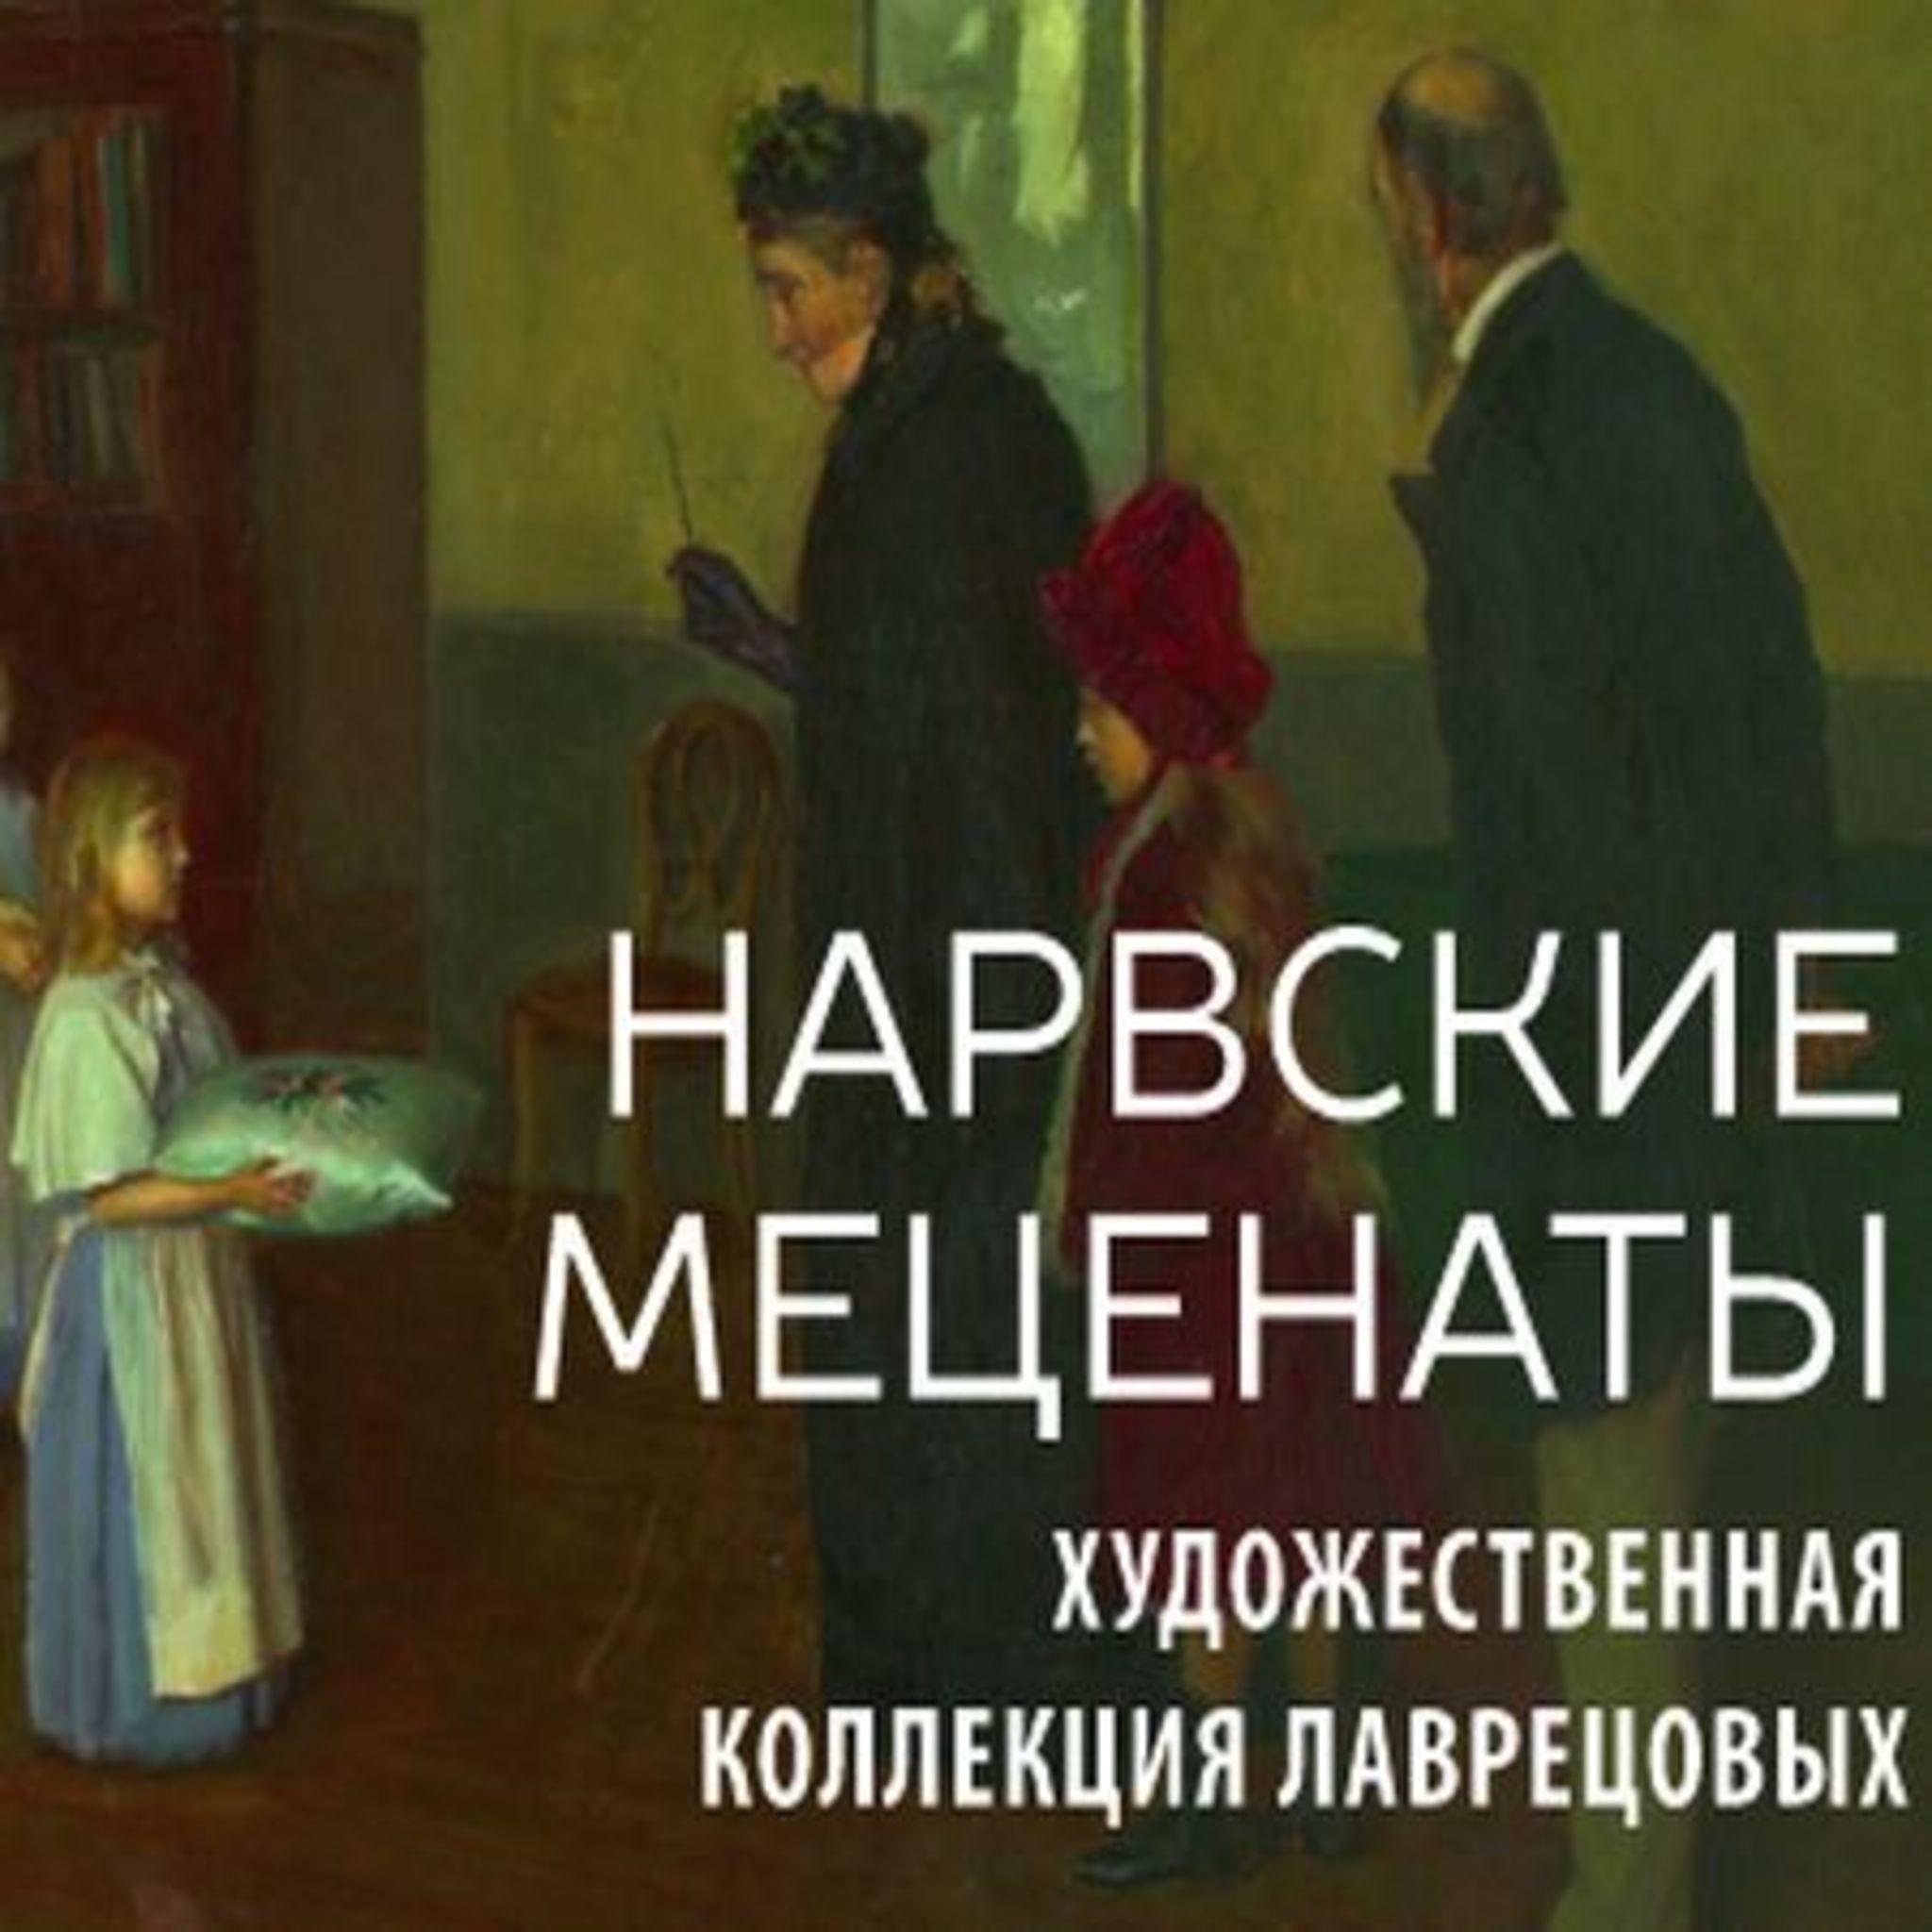 Выставка «Нарвские меценаты». Художественная коллекция Лаврецовых